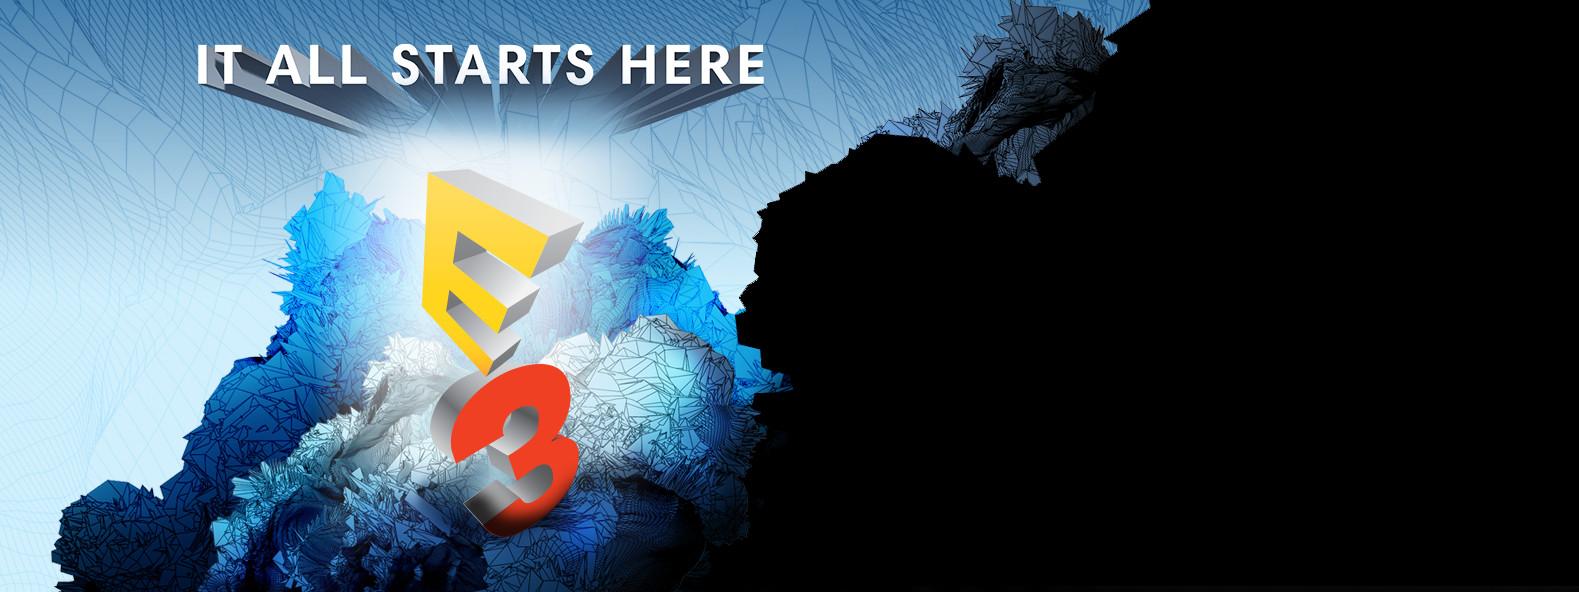 L'E3 2017 e una visione pessimistica sull'industria videoludica